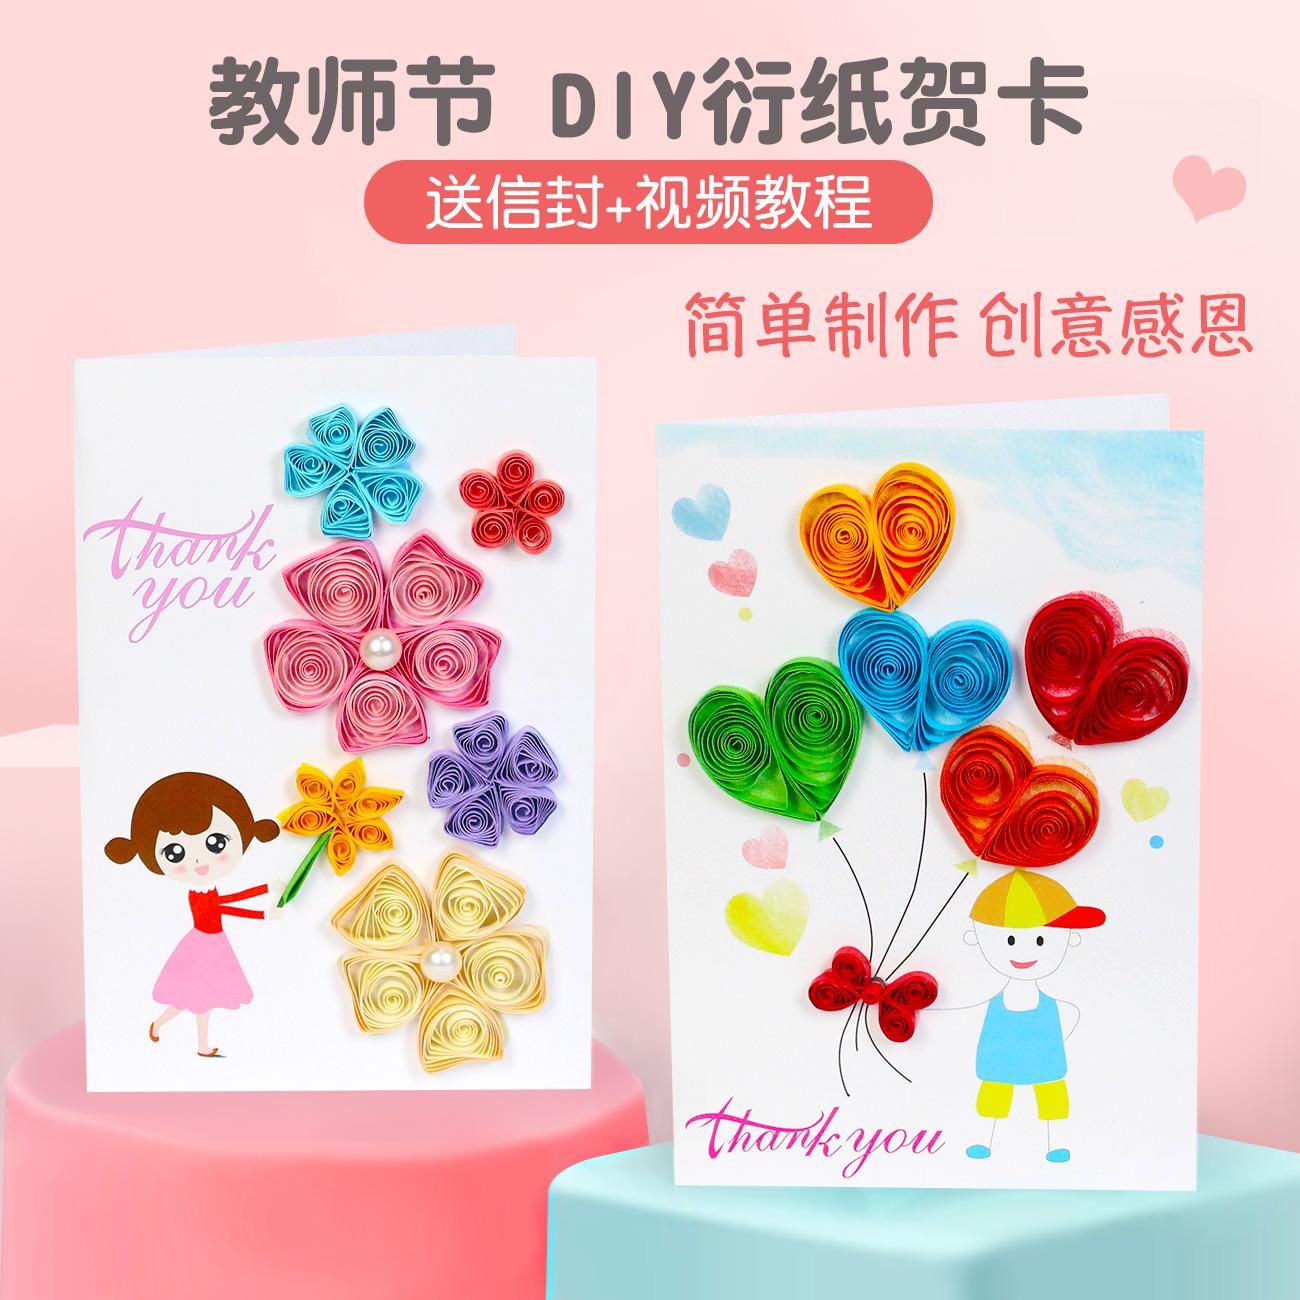 手工衍纸贺卡diy材料包教师节礼物感恩女老师创意祝福录音小卡片